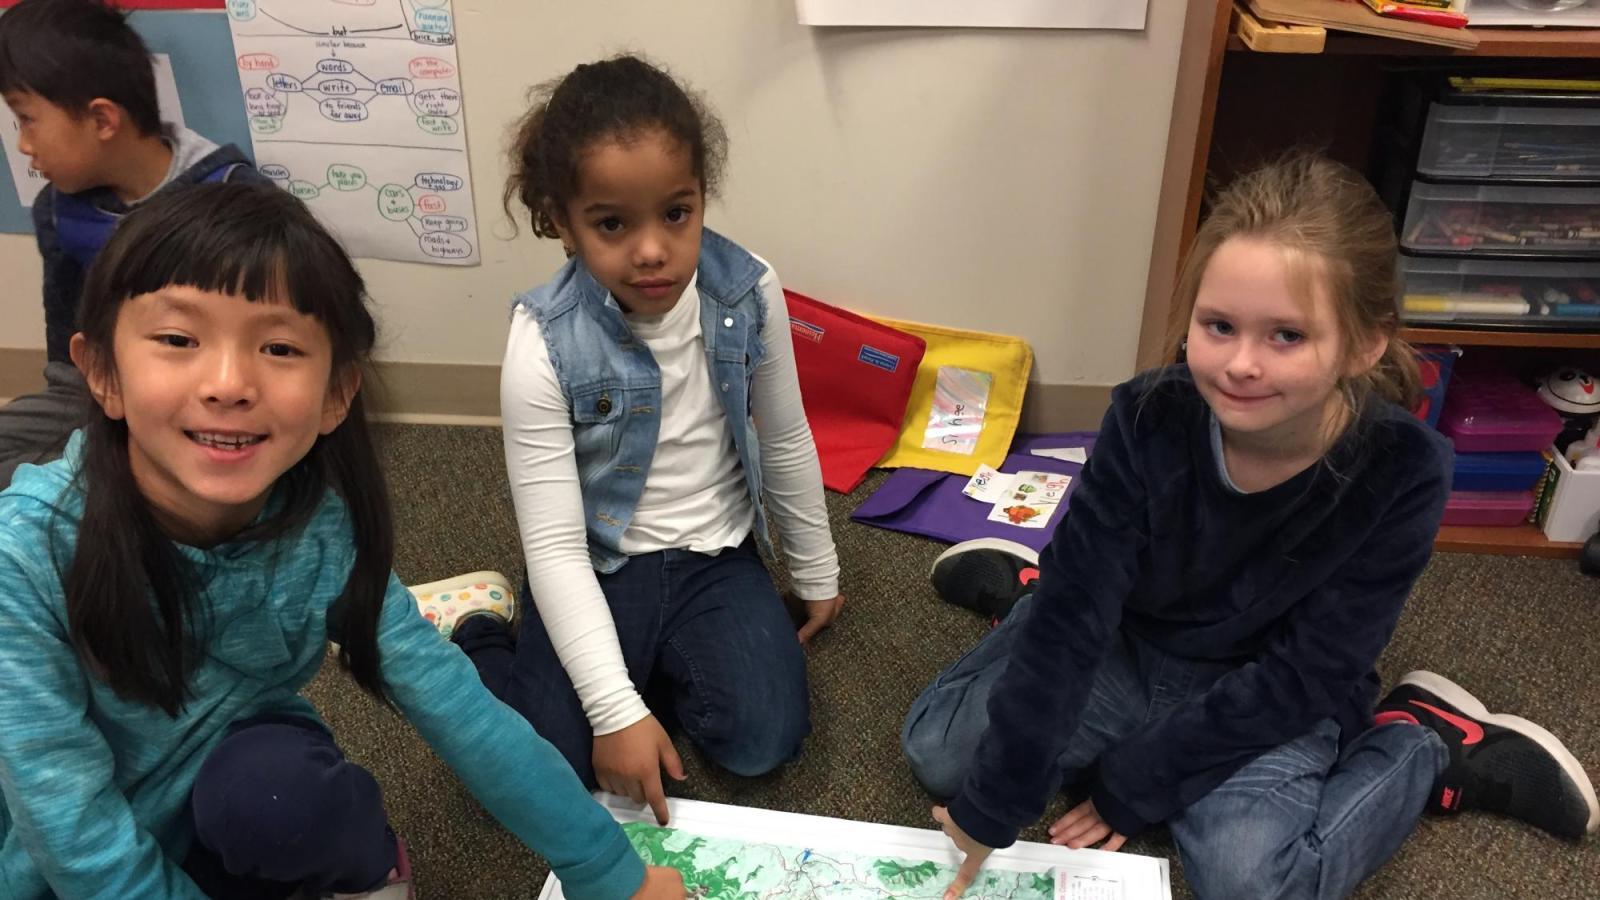 Three children sitting around a map.